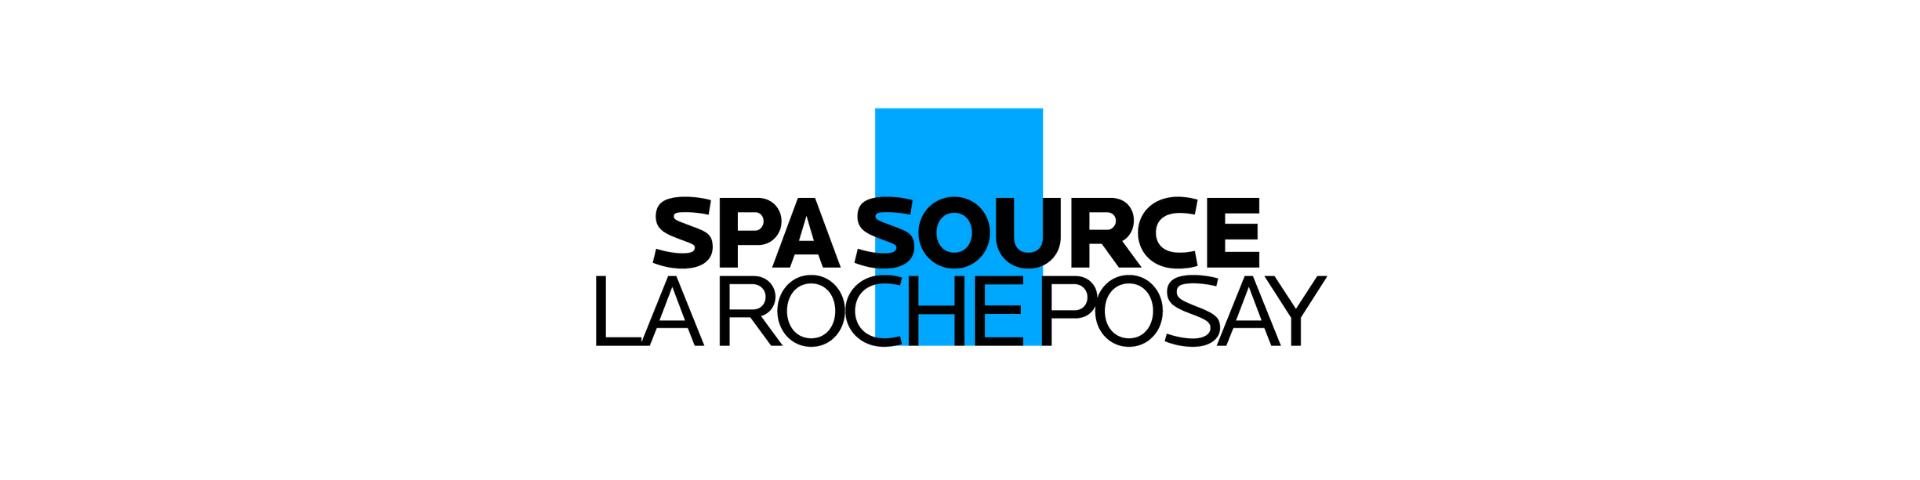 Spa Source La Roche-Posay